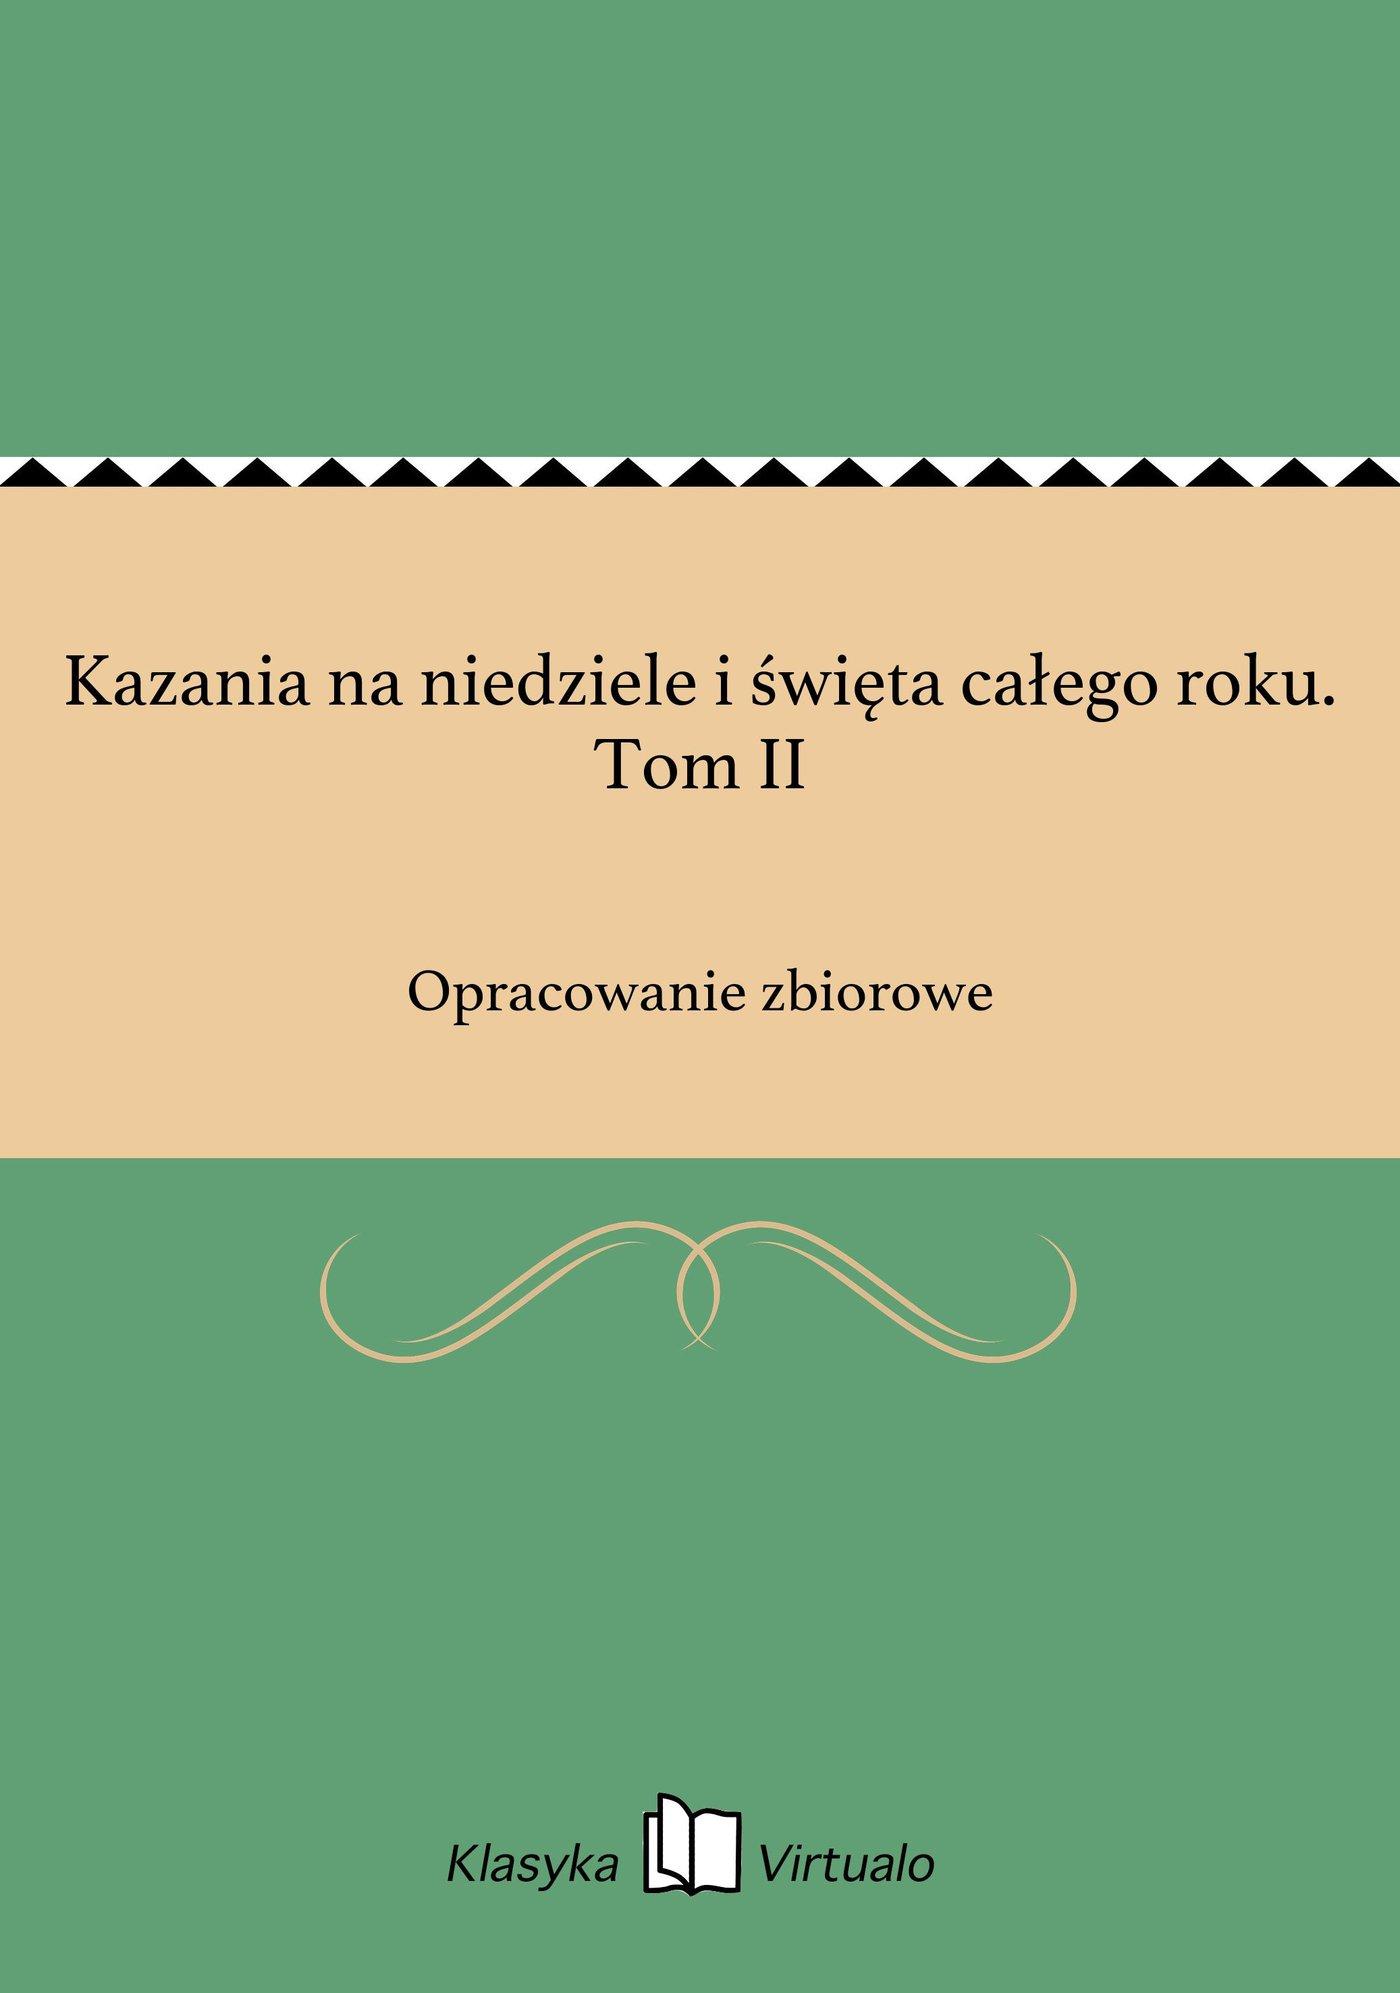 Kazania na niedziele i święta całego roku. Tom II - Ebook (Książka na Kindle) do pobrania w formacie MOBI